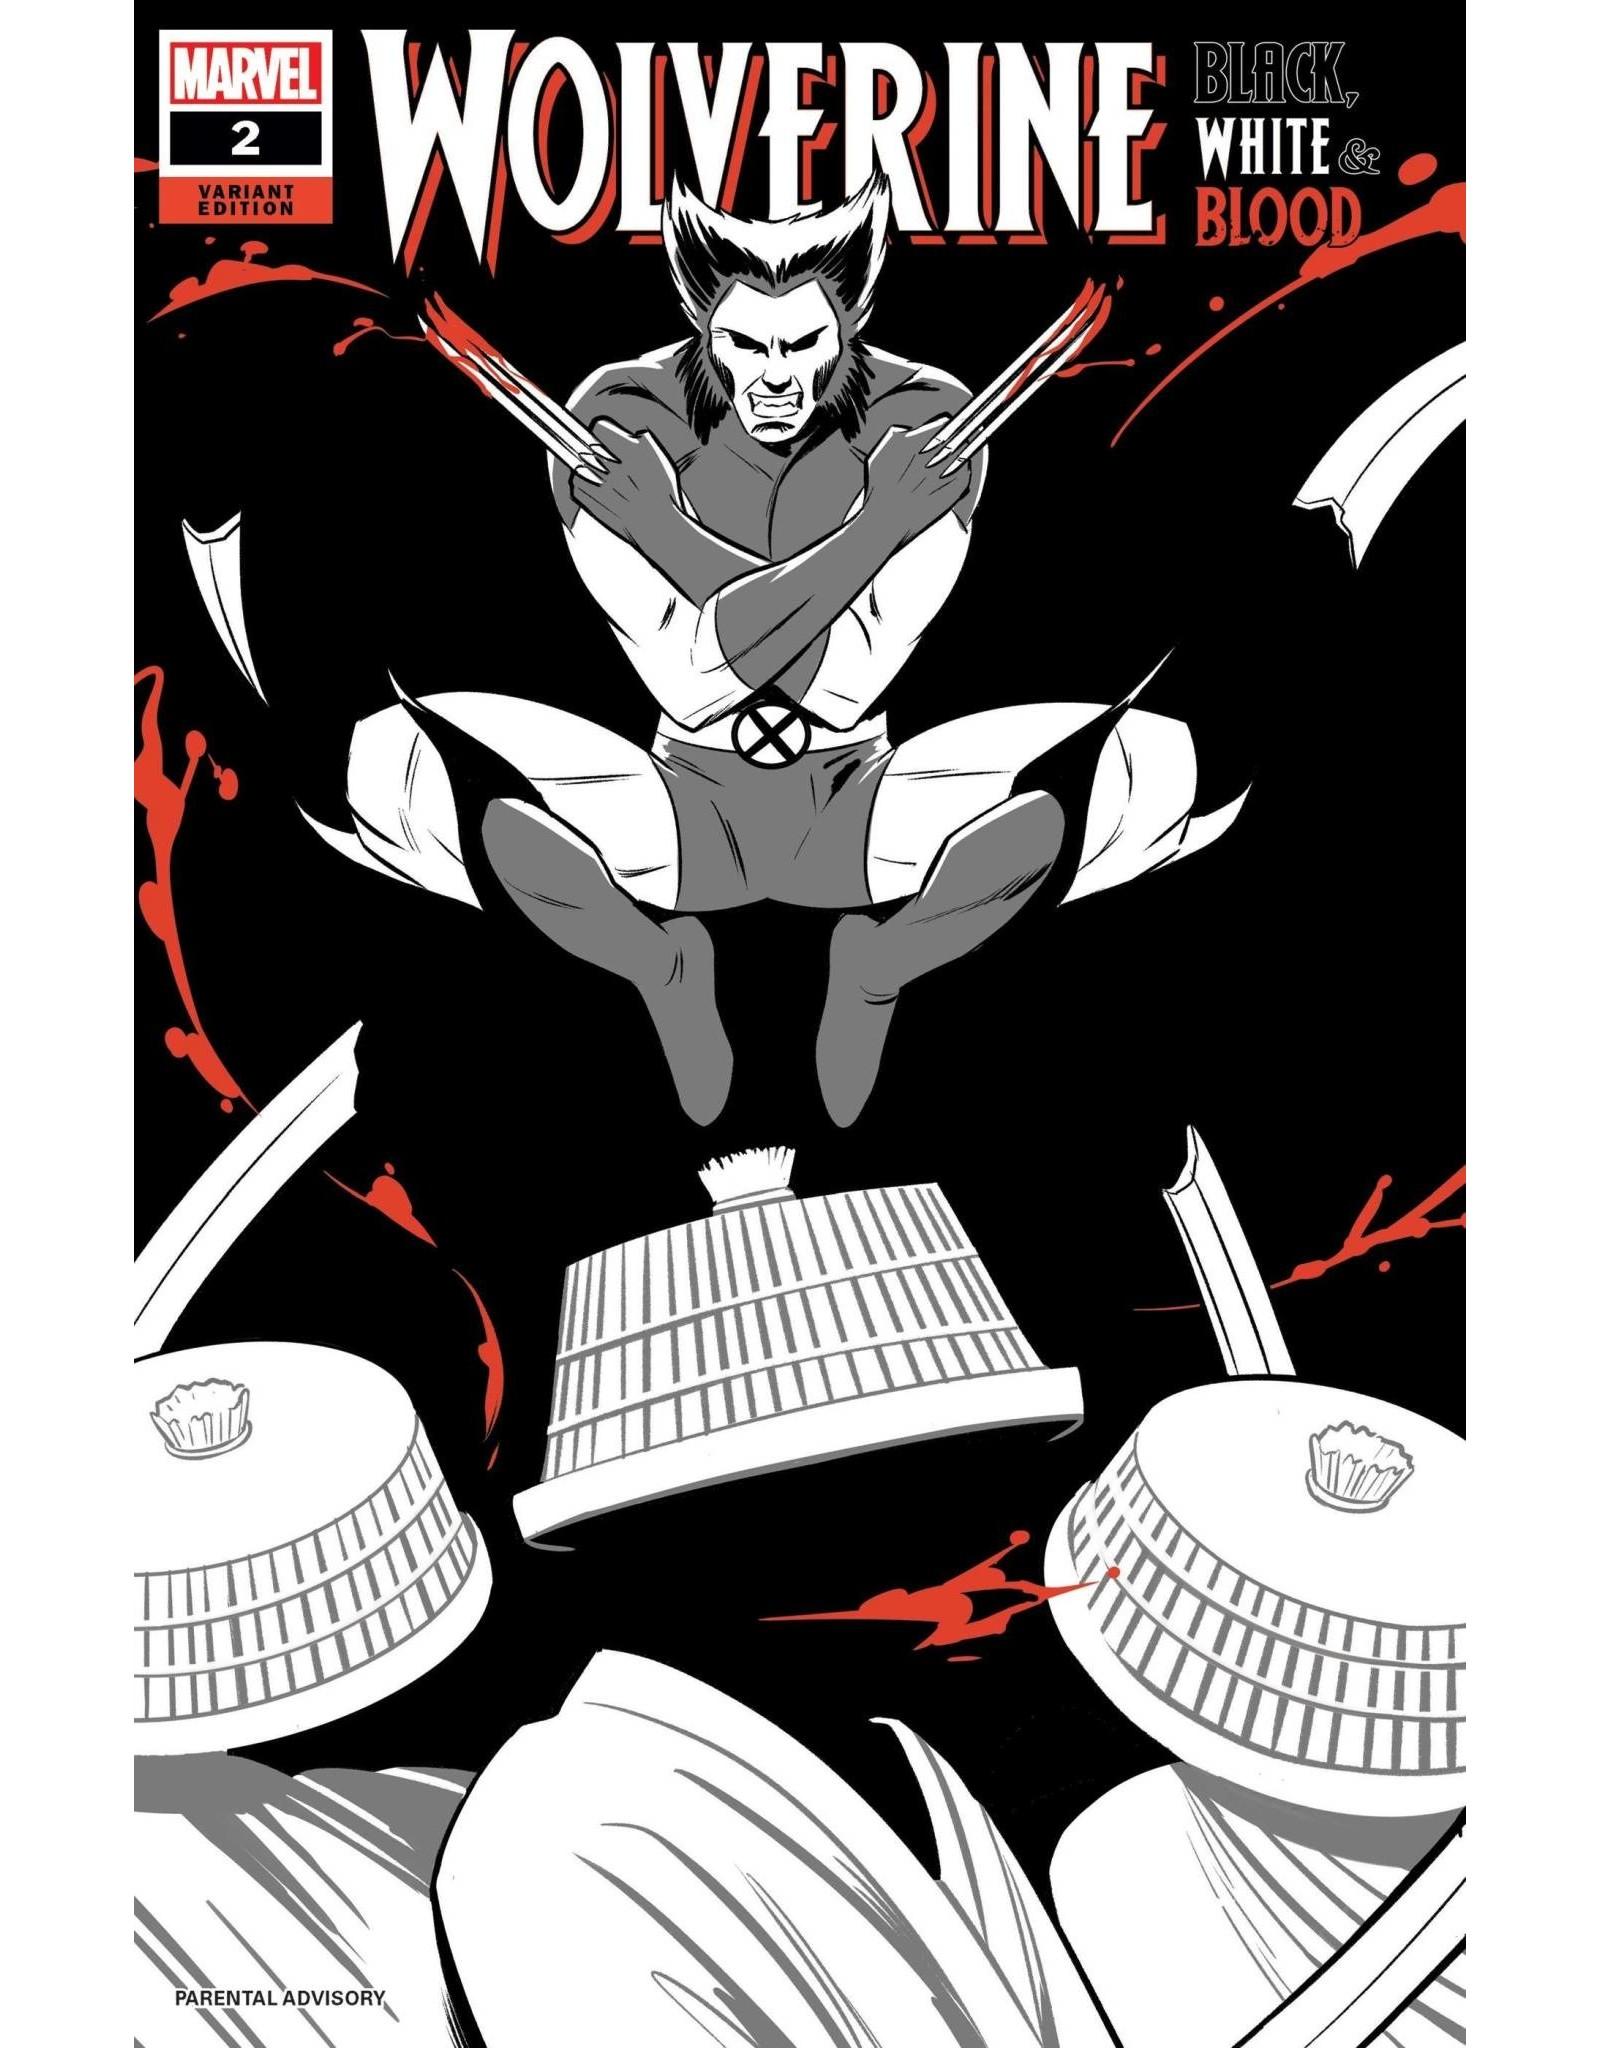 Marvel Comics WOLVERINE BLACK WHITE BLOOD #2 (OF 4) BUSTOS VAR 1:25